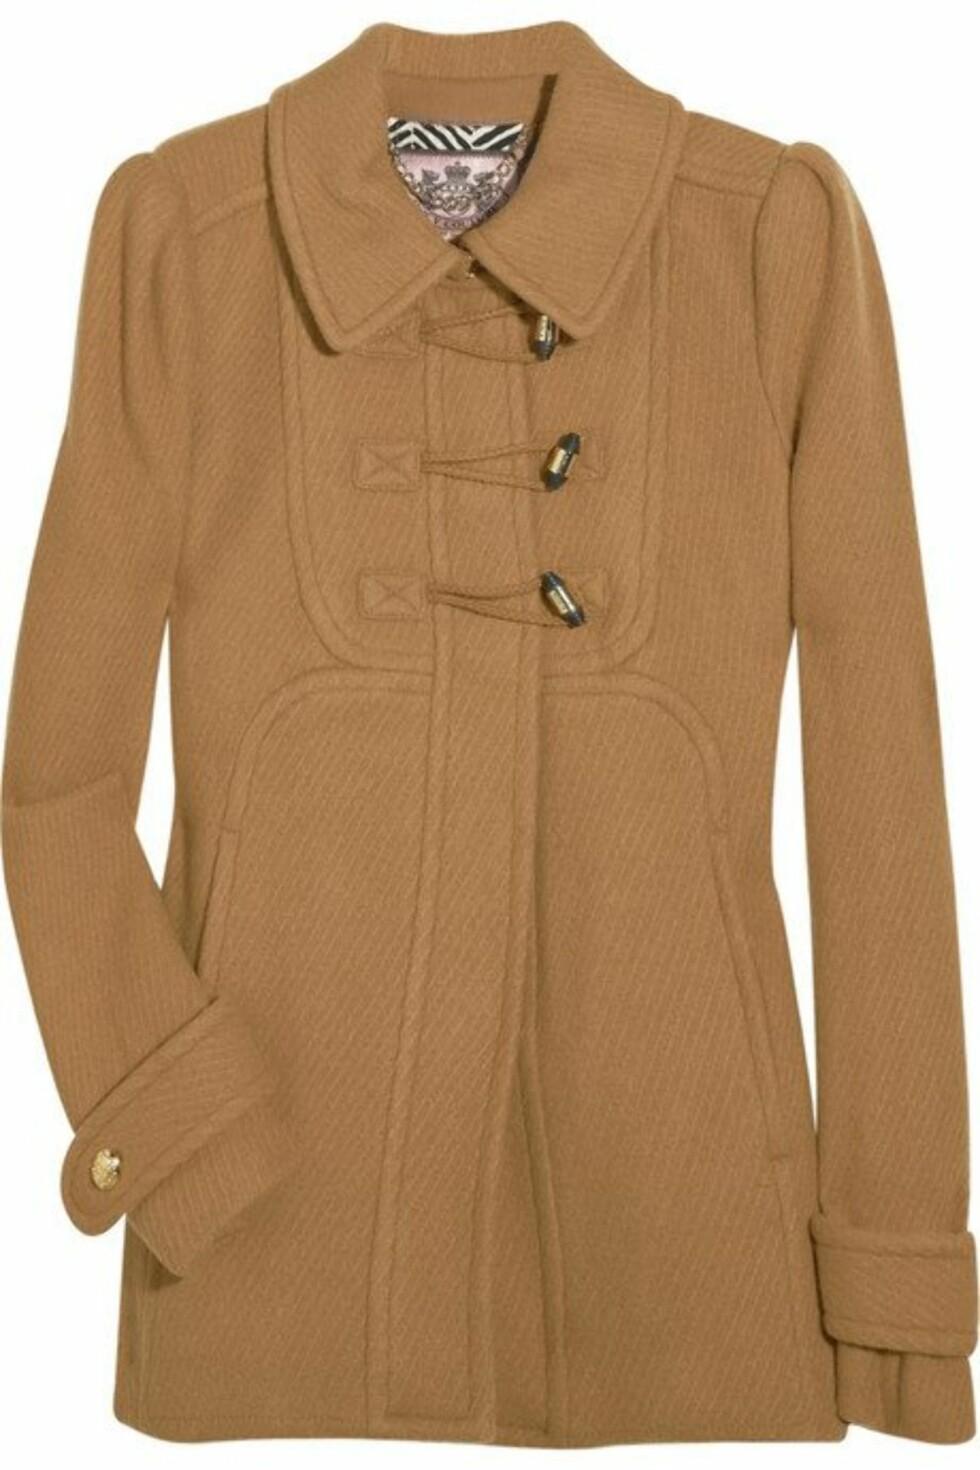 Døll døffel? Neida, denne duffel-inspirerte jakken i ullblanding kombinerer du med smale jeans, og kanskje en alpelue? (ca kr 3570, Juicy Couture/Net-a-porter.com).